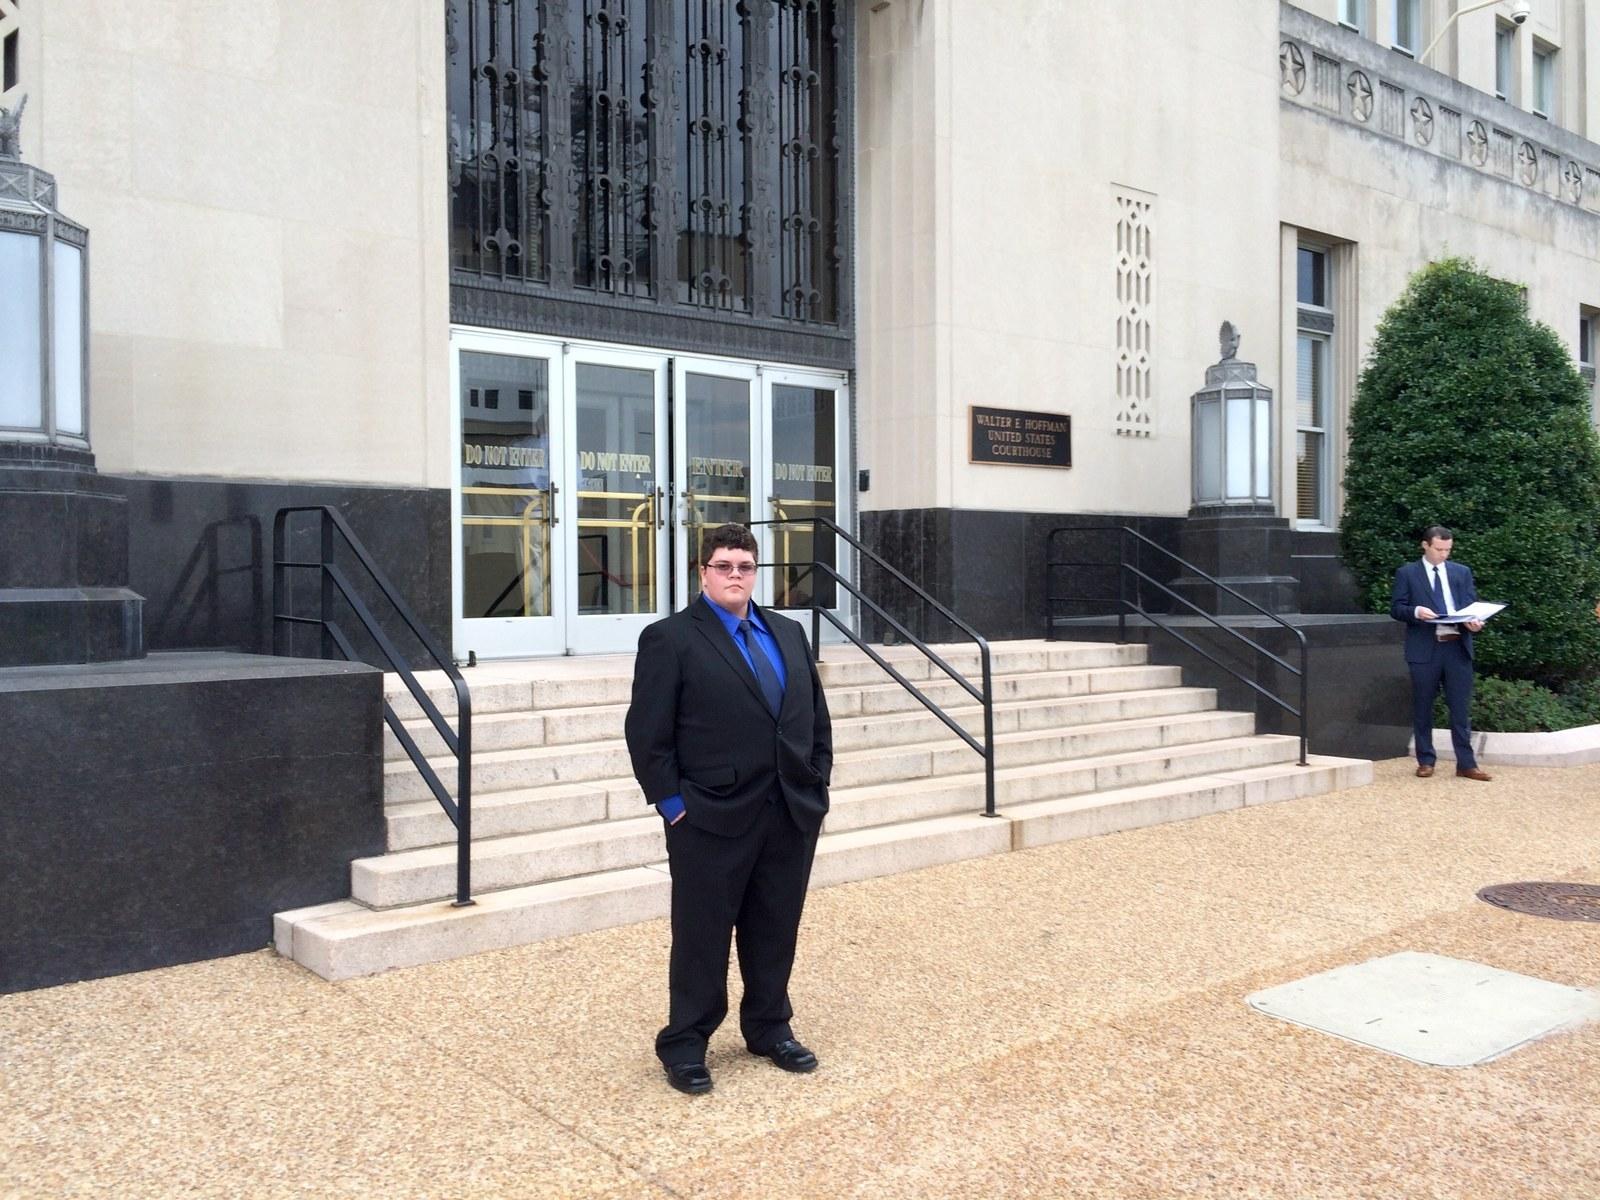 Judge Throws Out Key Argument In Transgender Student Restroom Case